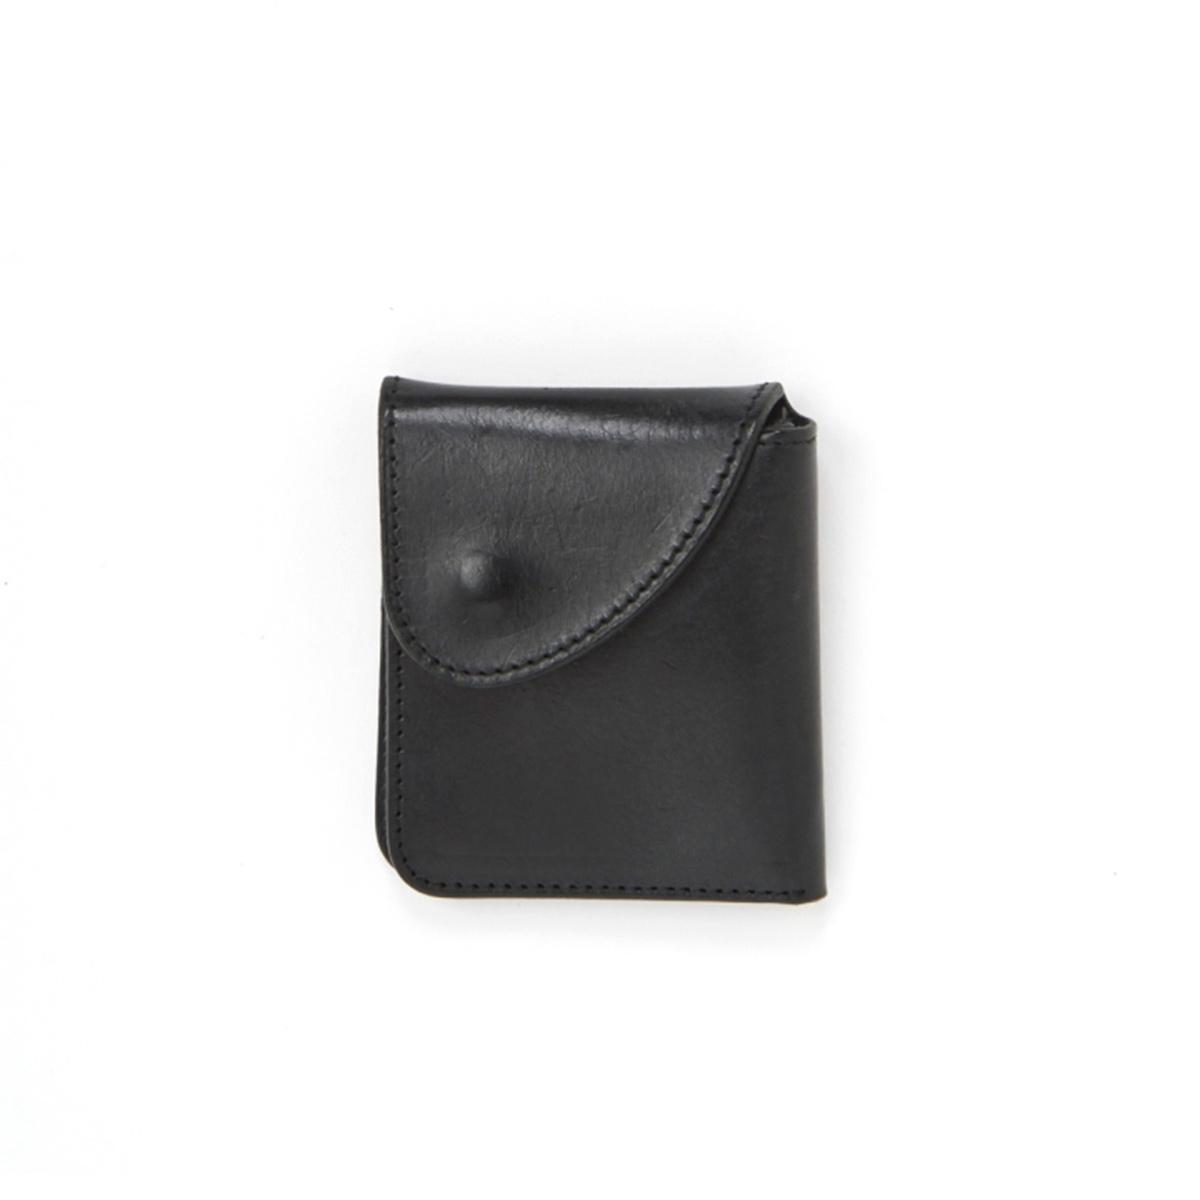 Hender Scheme / wallet -Black